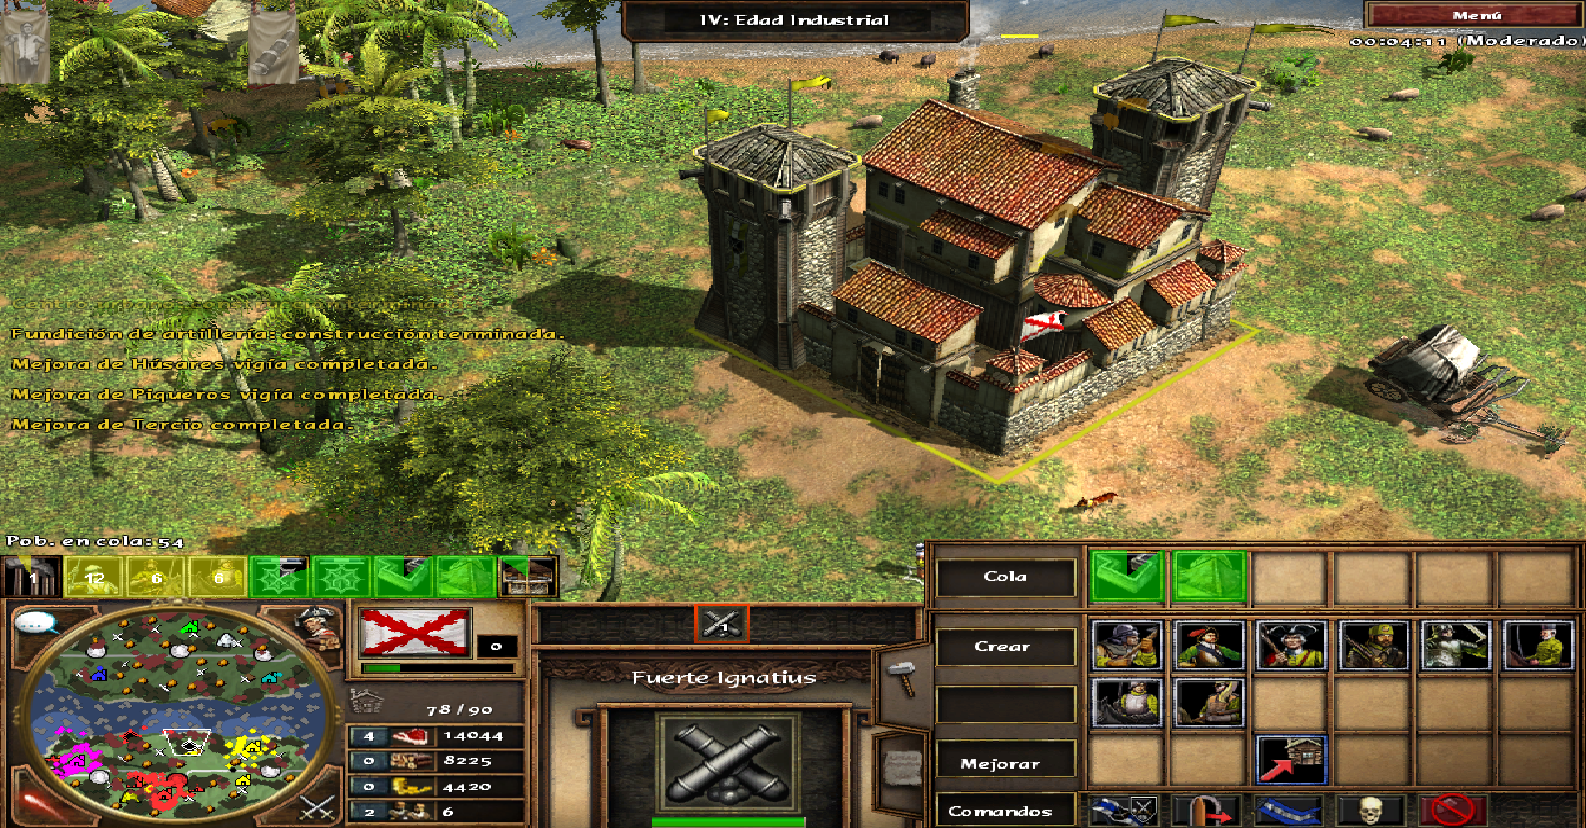 La historia detrás de Age of Empires: noviembre 2015